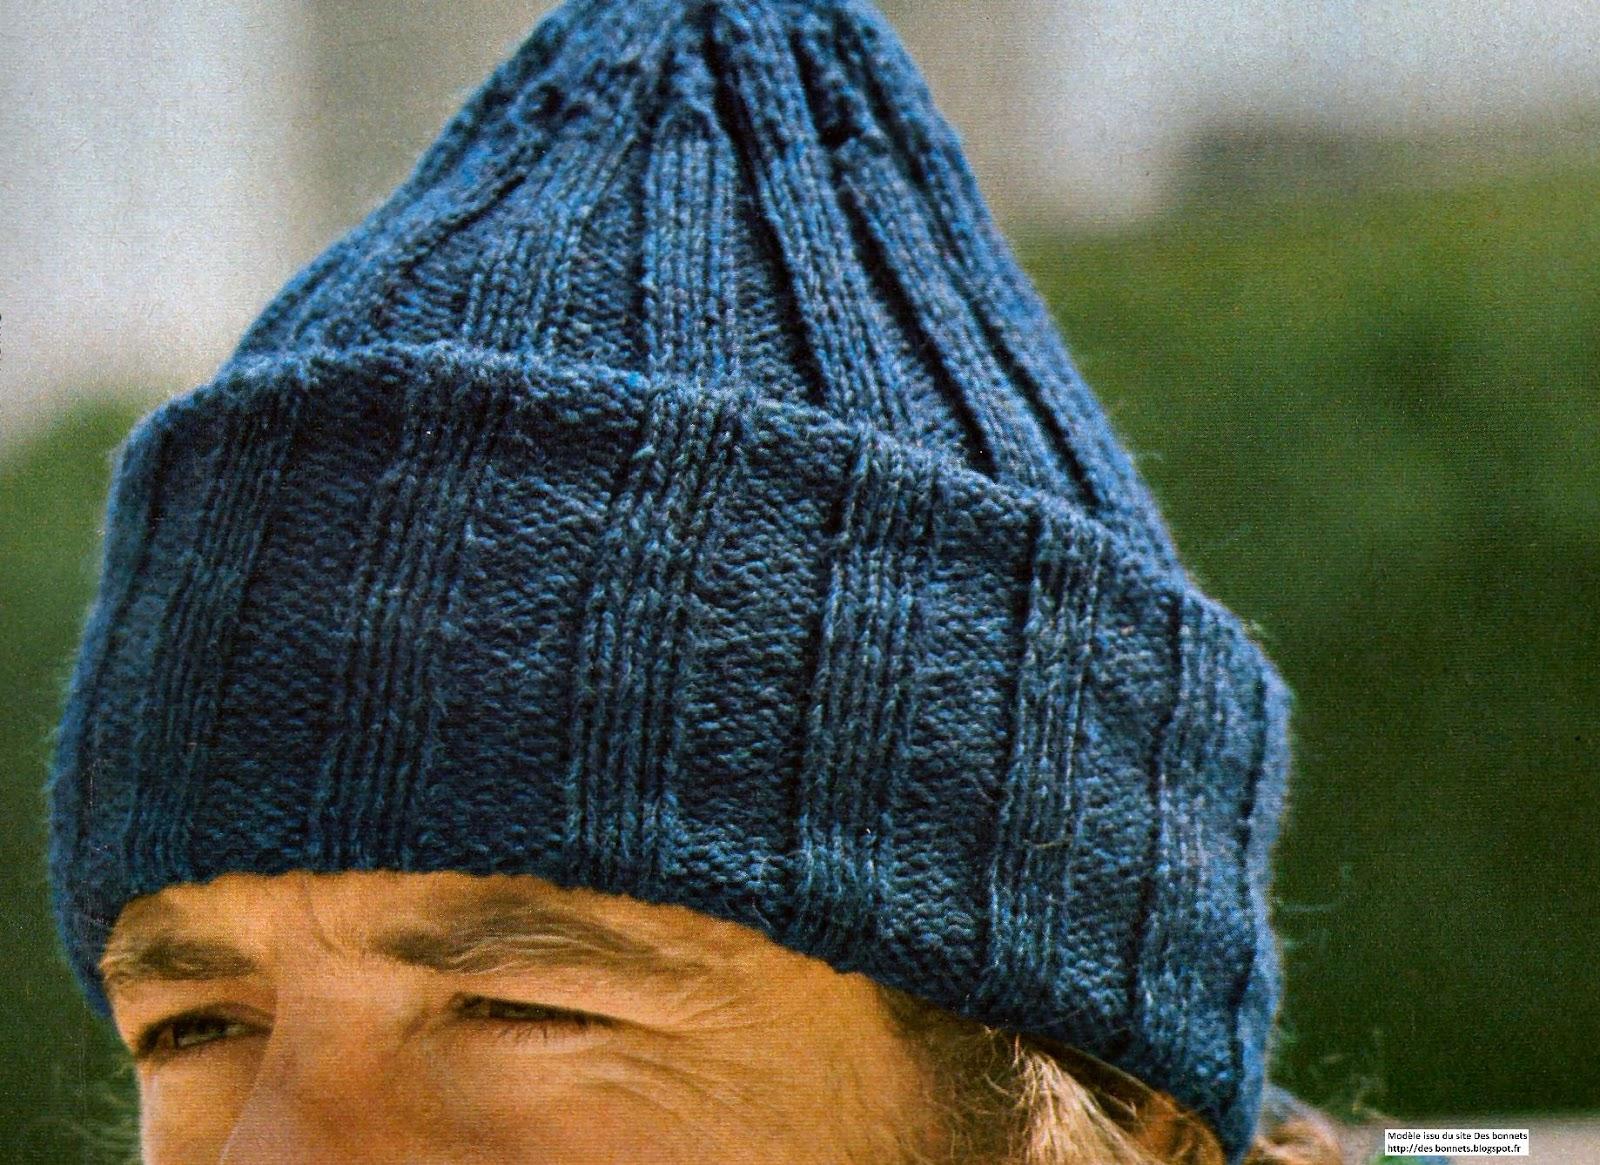 tricoter un bonnet aiguille n° 3